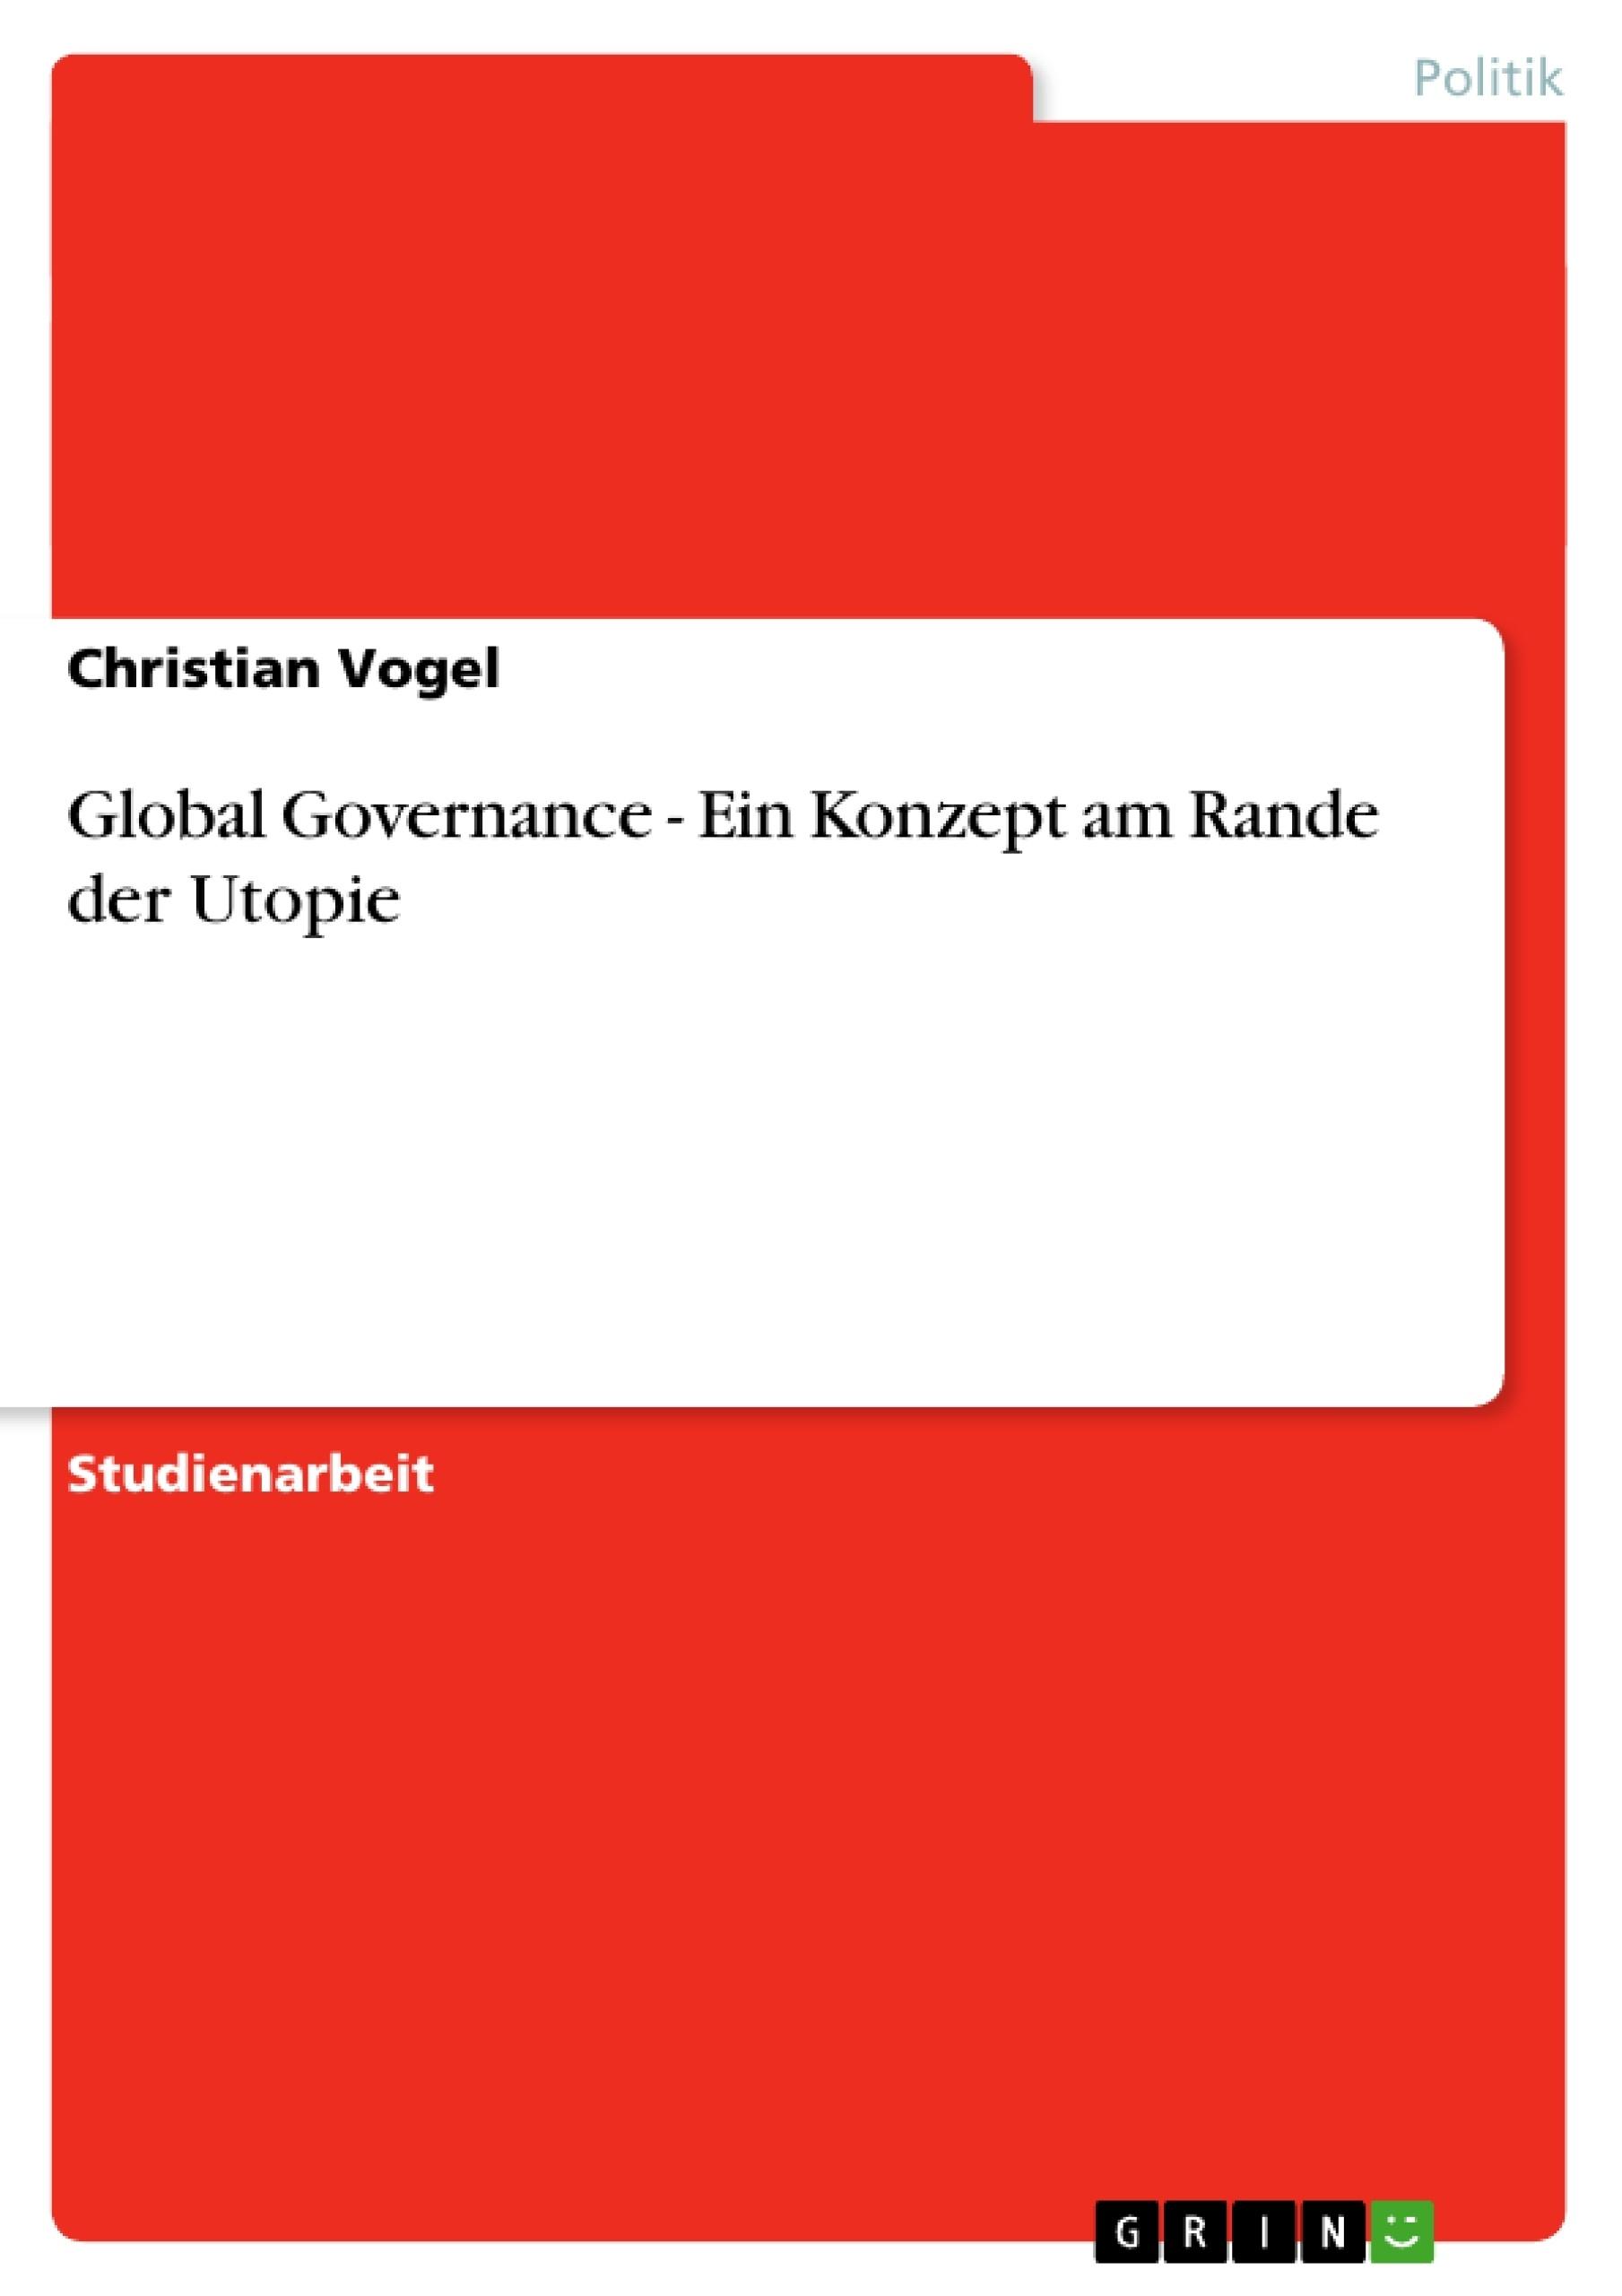 Titel: Global Governance - Ein Konzept am Rande der Utopie